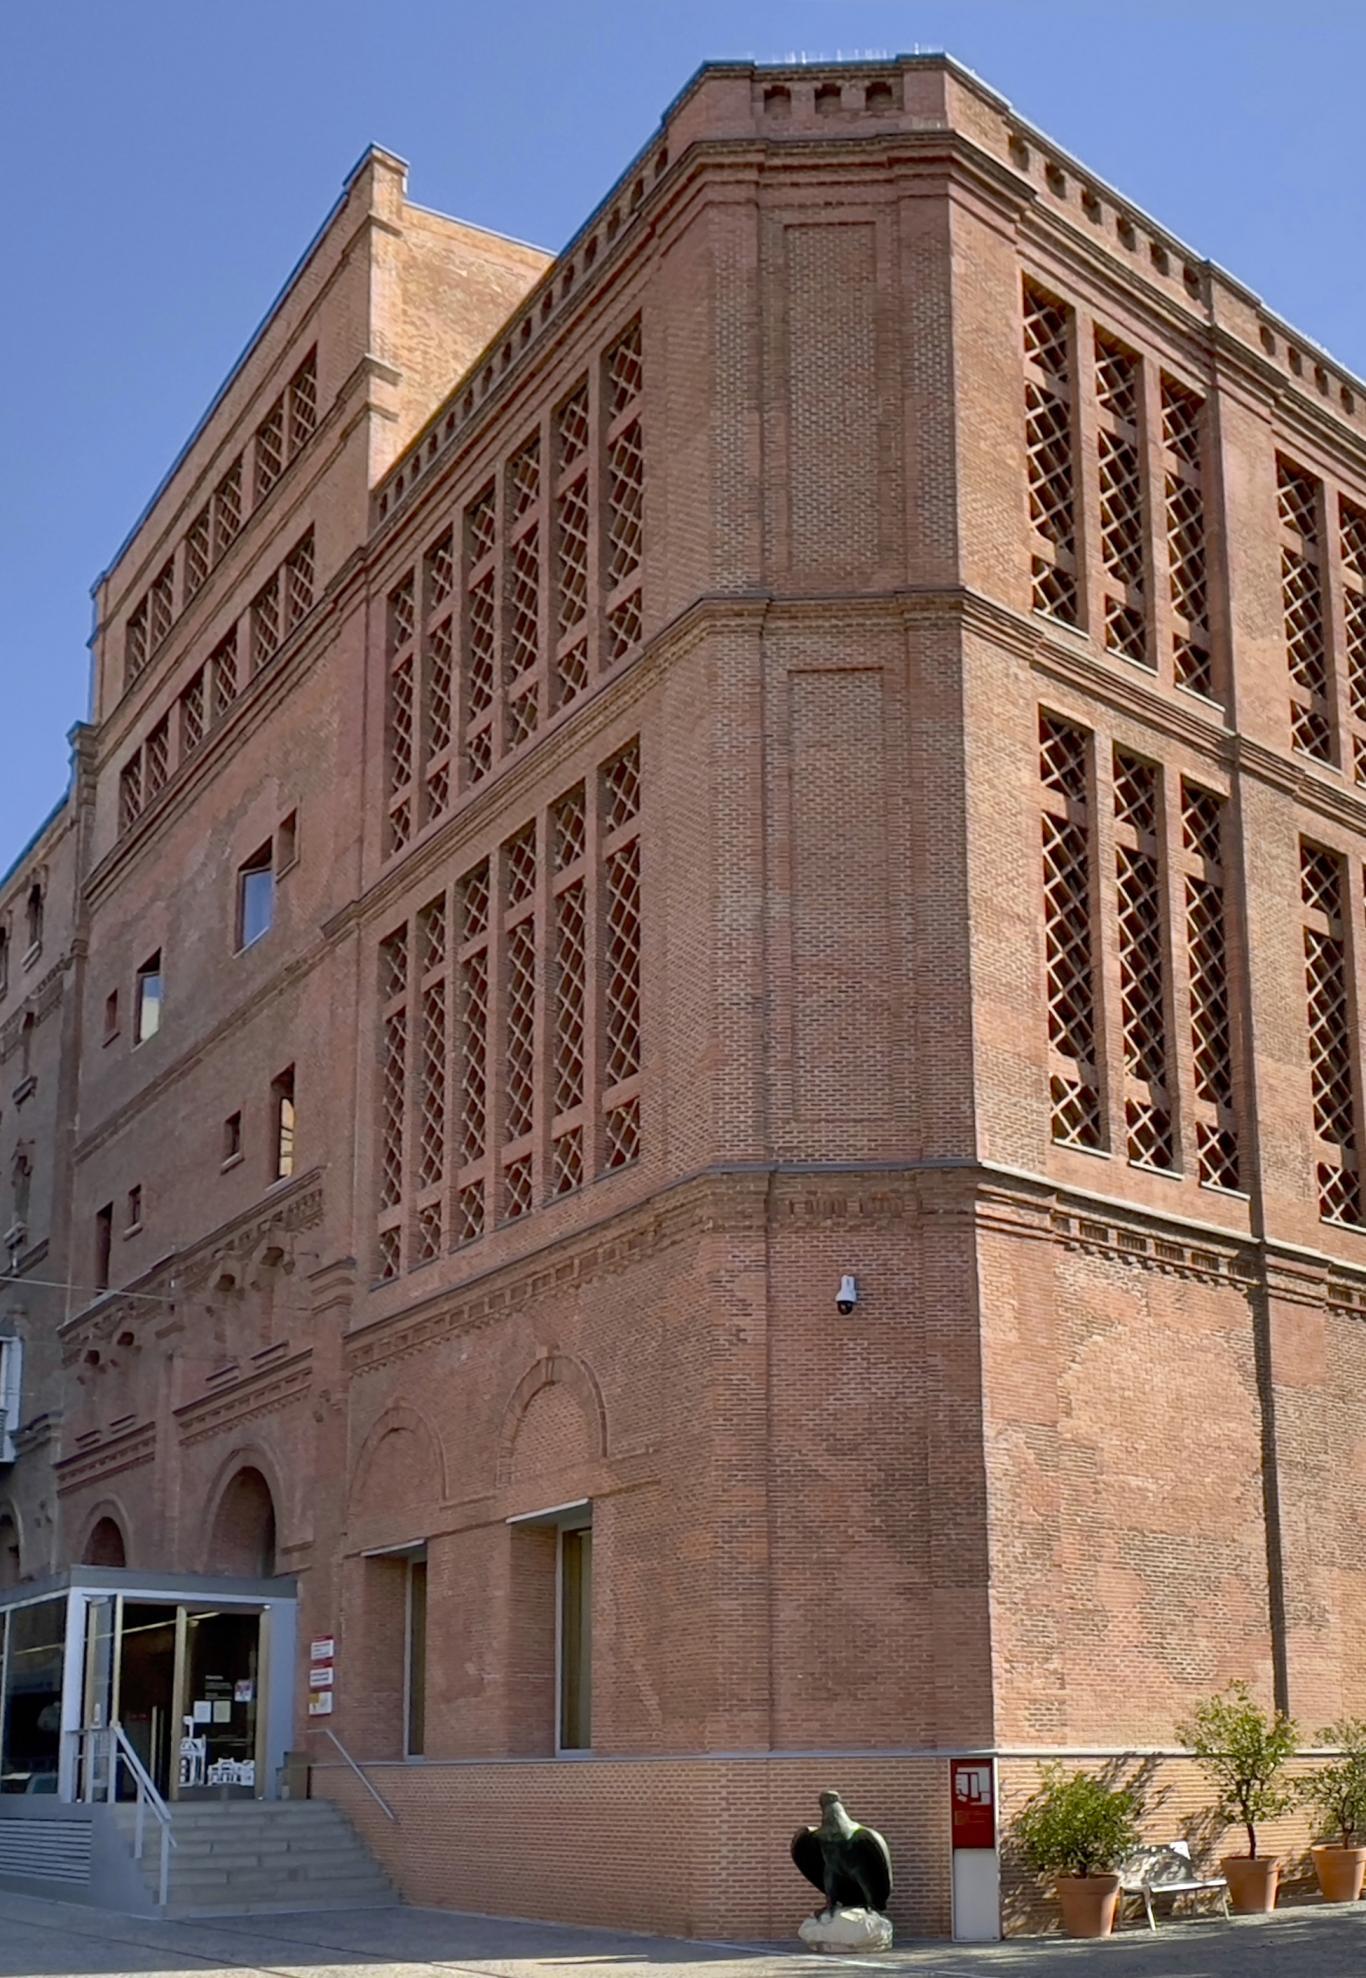 Vista del Archivo Regional de la Comunidad de Madrid